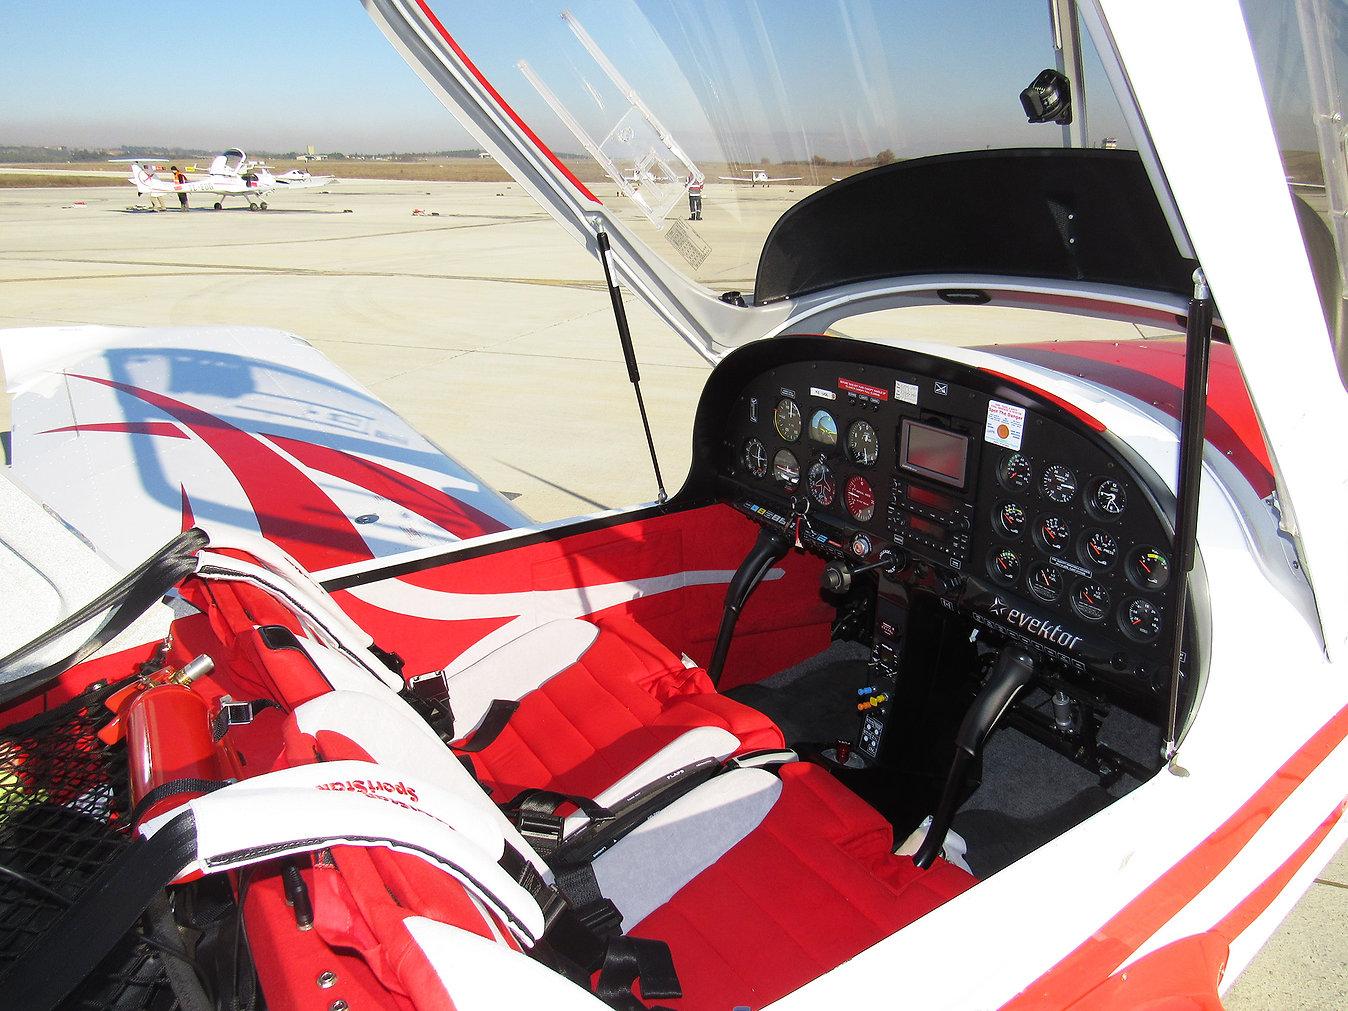 Adana'da 99 Euro'dan Başlayan Fiyatlarla PIC Uçuşu   Hızlı PIC Uçuş Eğitimi   Tanıtım Uçuşu   3 Yeni Model Uçak   FlyPIC Havacılık   Sorumlu Pilot Uçuşu